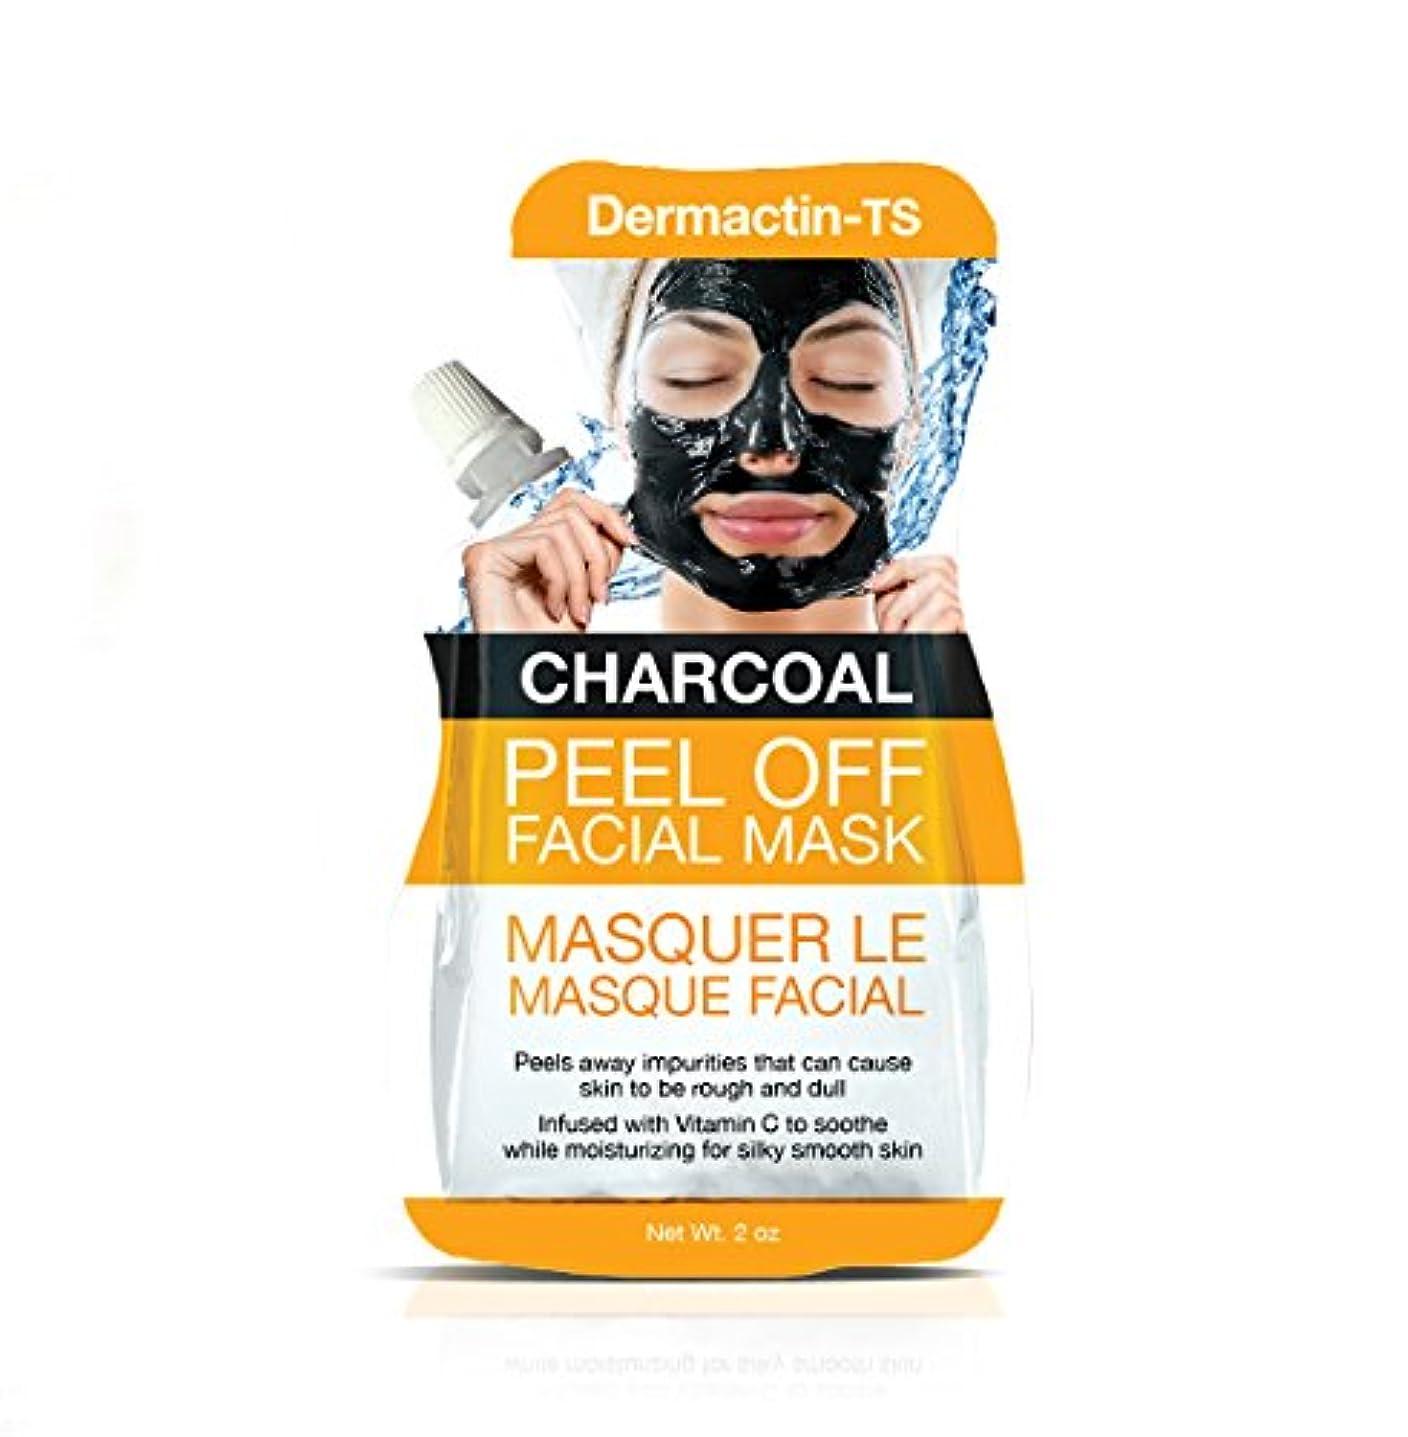 刈り取るすばらしいです物質Dermactin-TS フェイシャル?マスク?チャコール50g(パック2個) (並行輸入品)